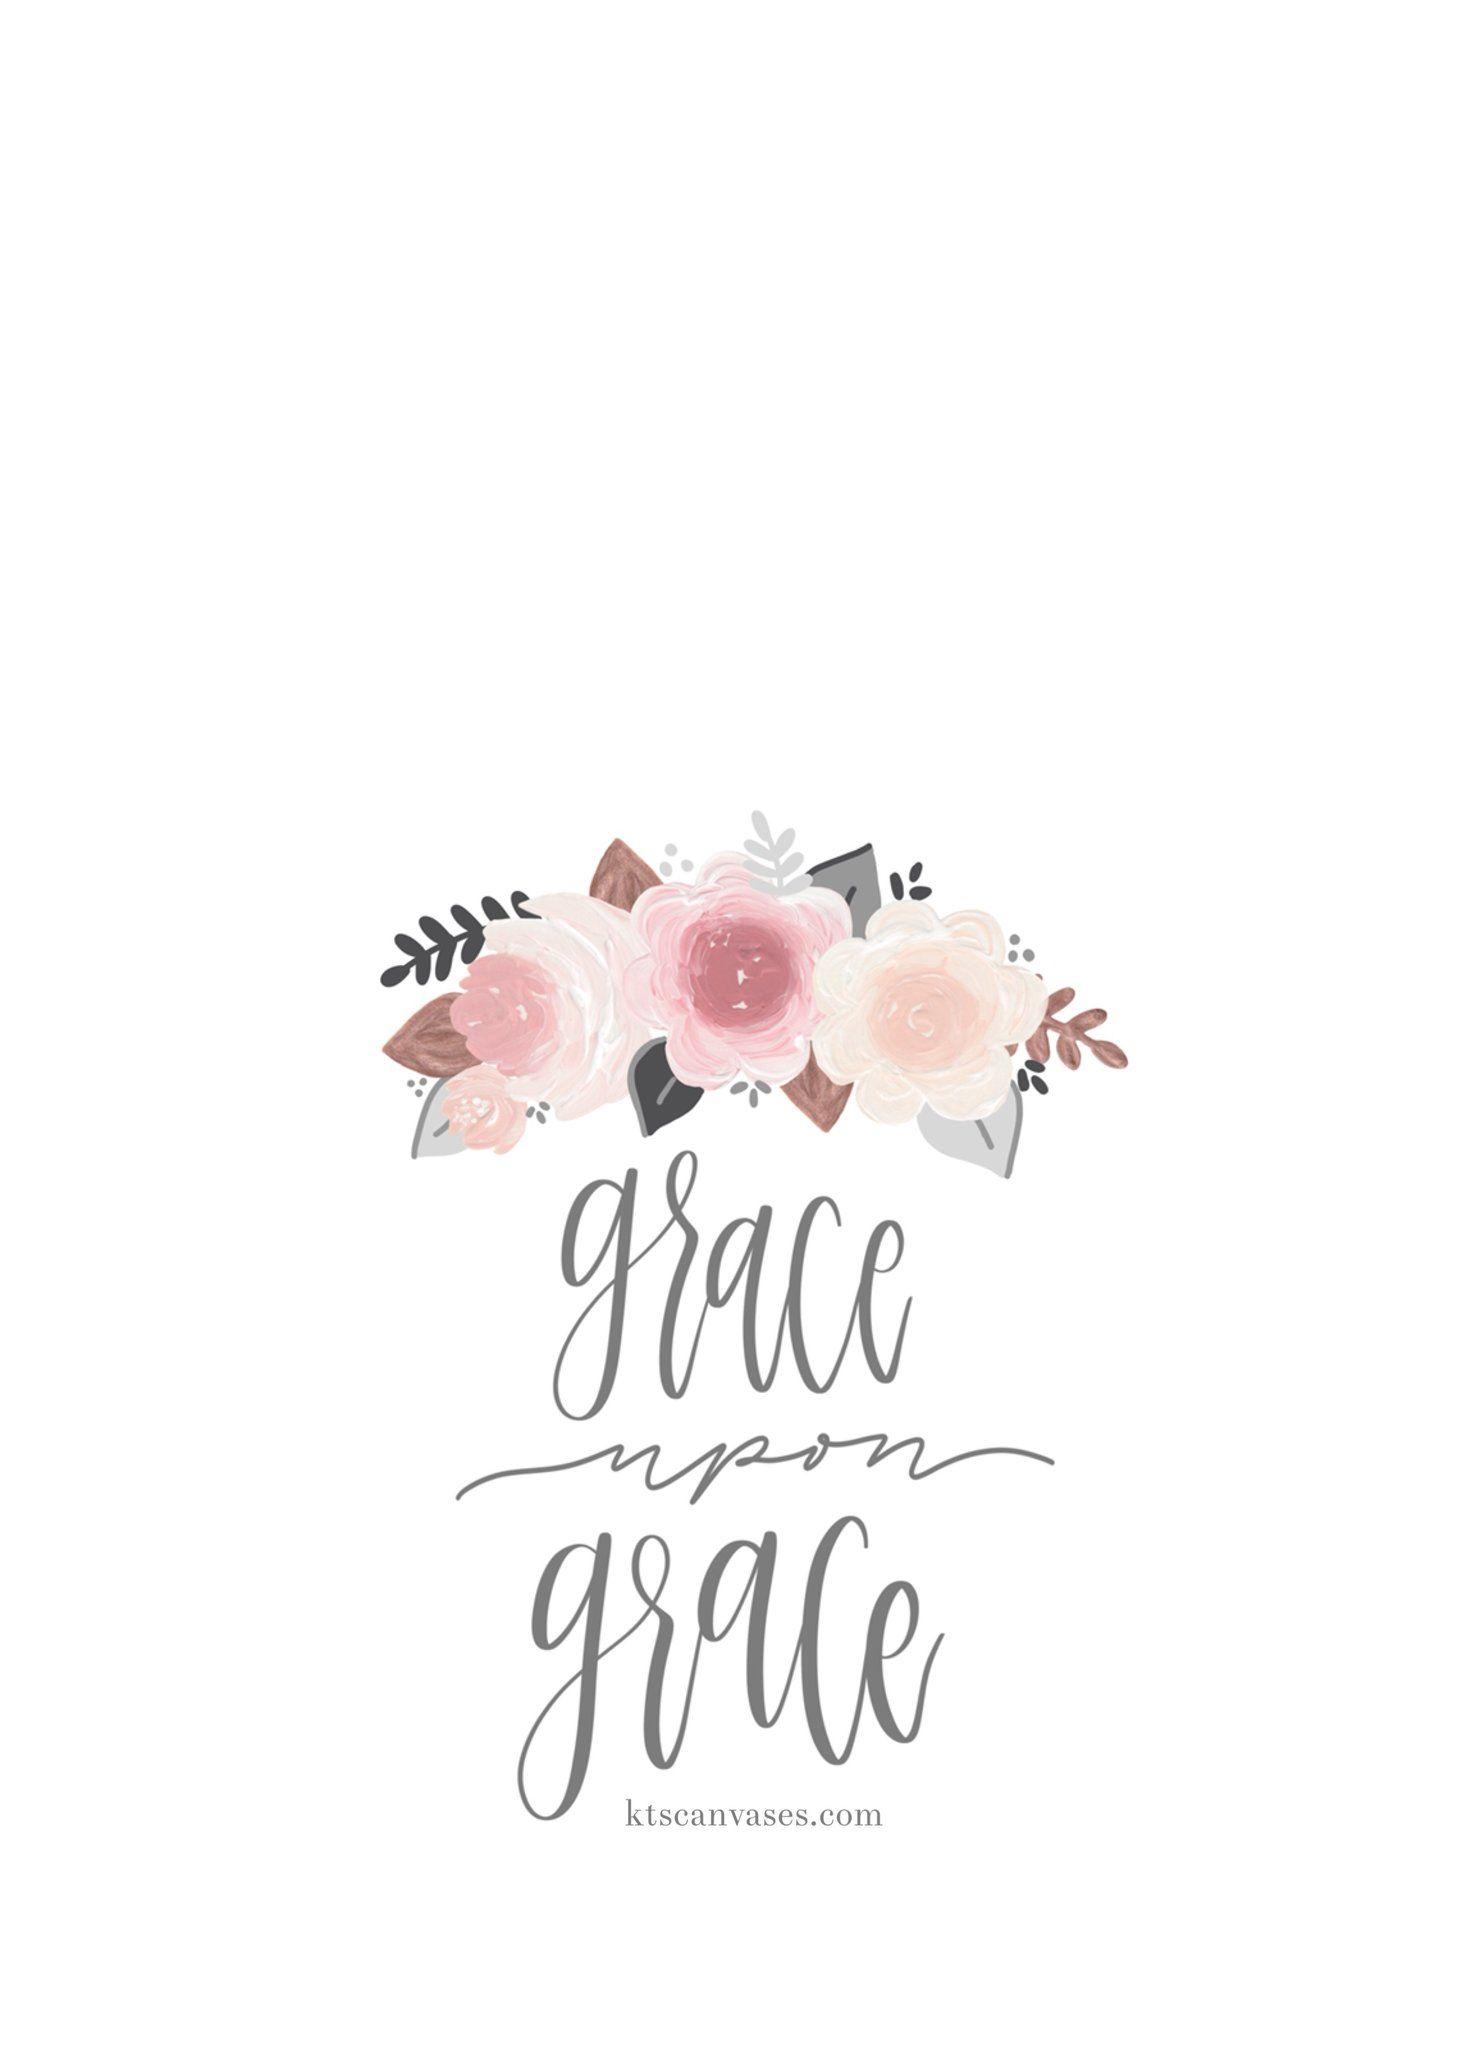 Grace Upon Grace Wallpaper